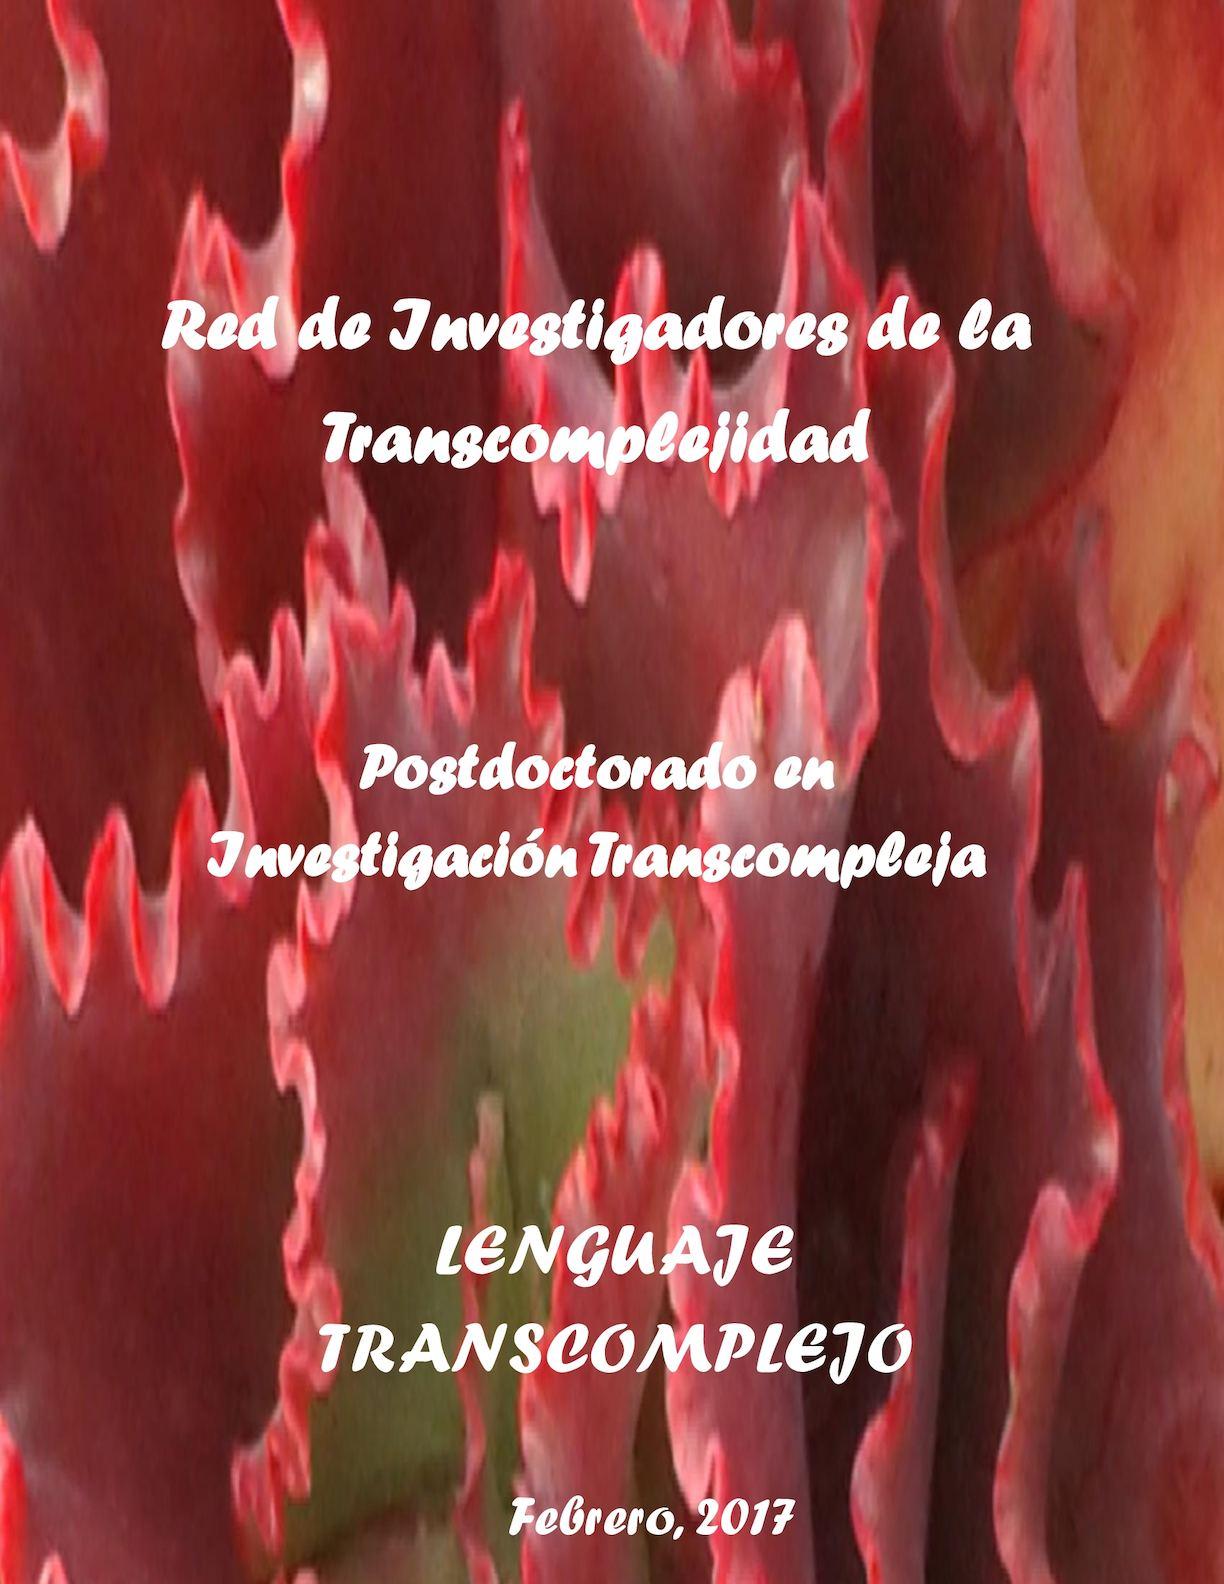 Calaméo - Lenguaje Transcomplejo